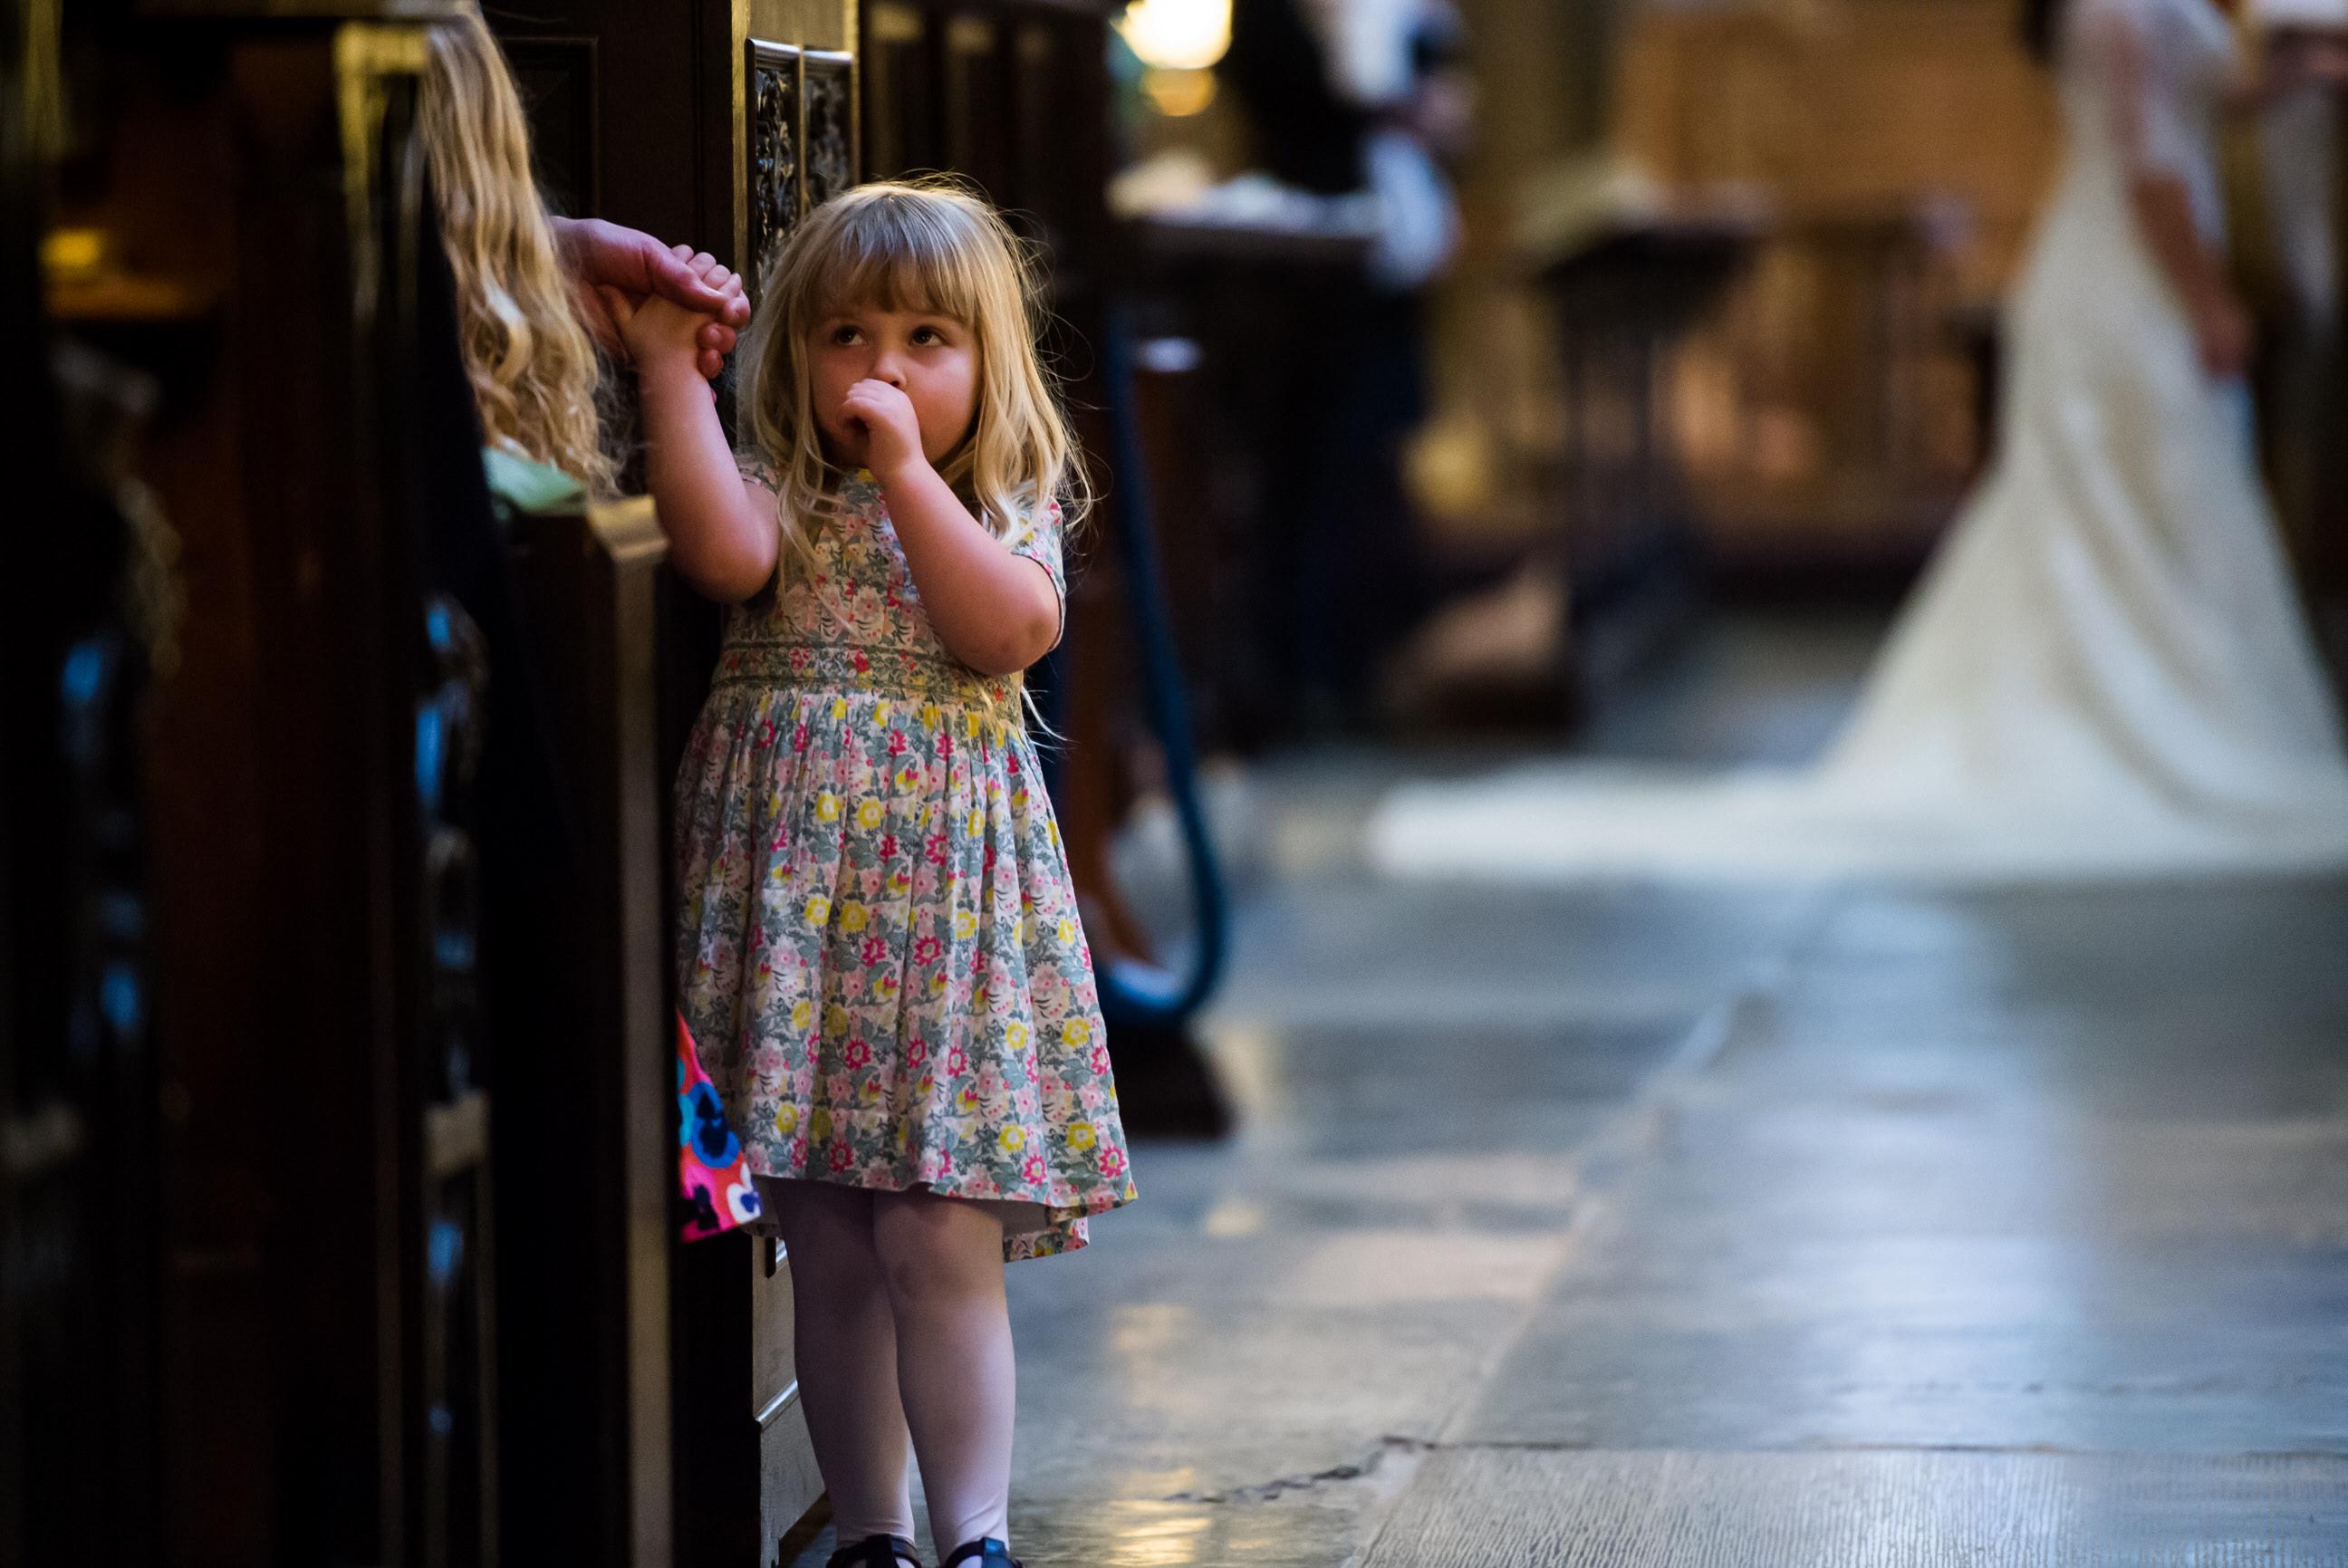 Girl watches wedding